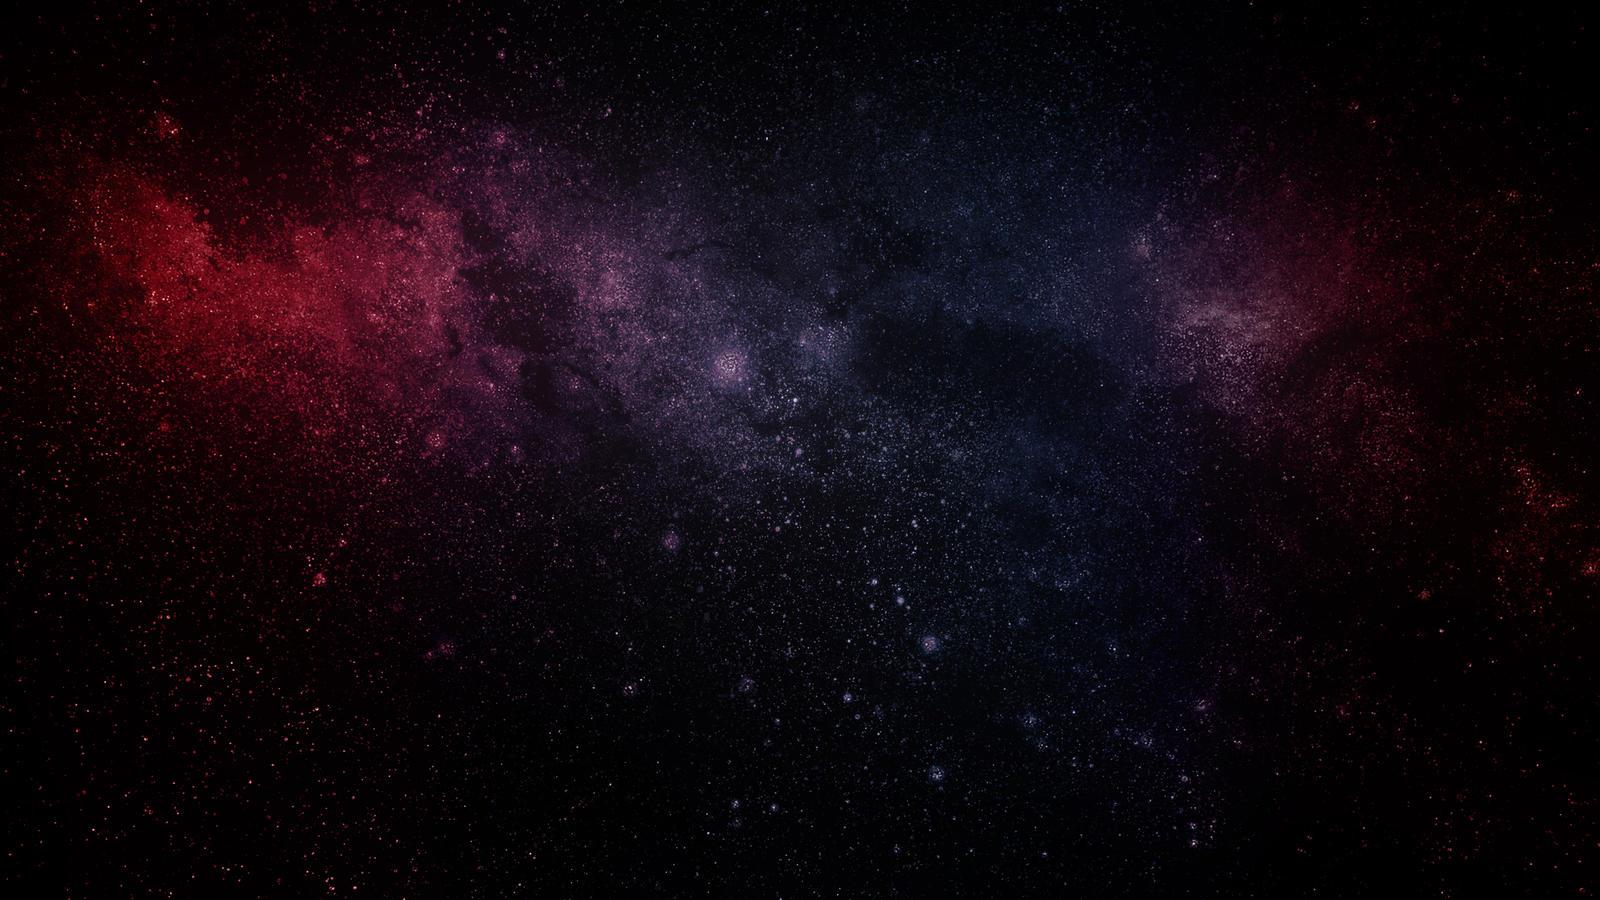 Starfield 01 by GlenRoberson